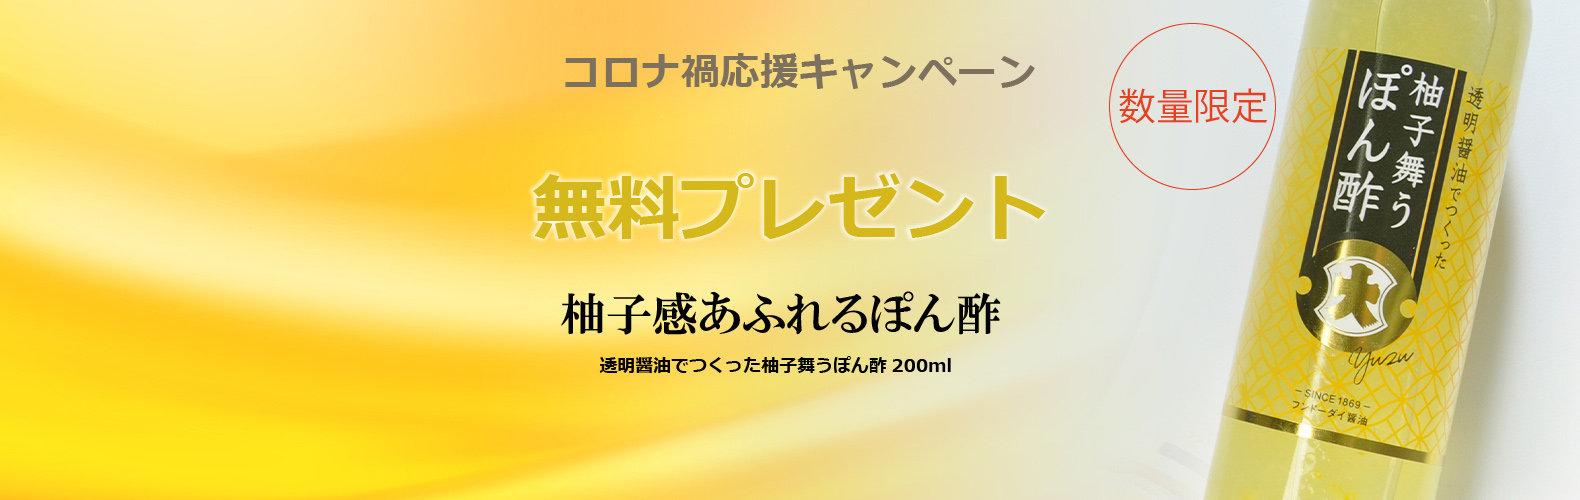 柚子舞うCP1580×500イメージ200ml.jpg